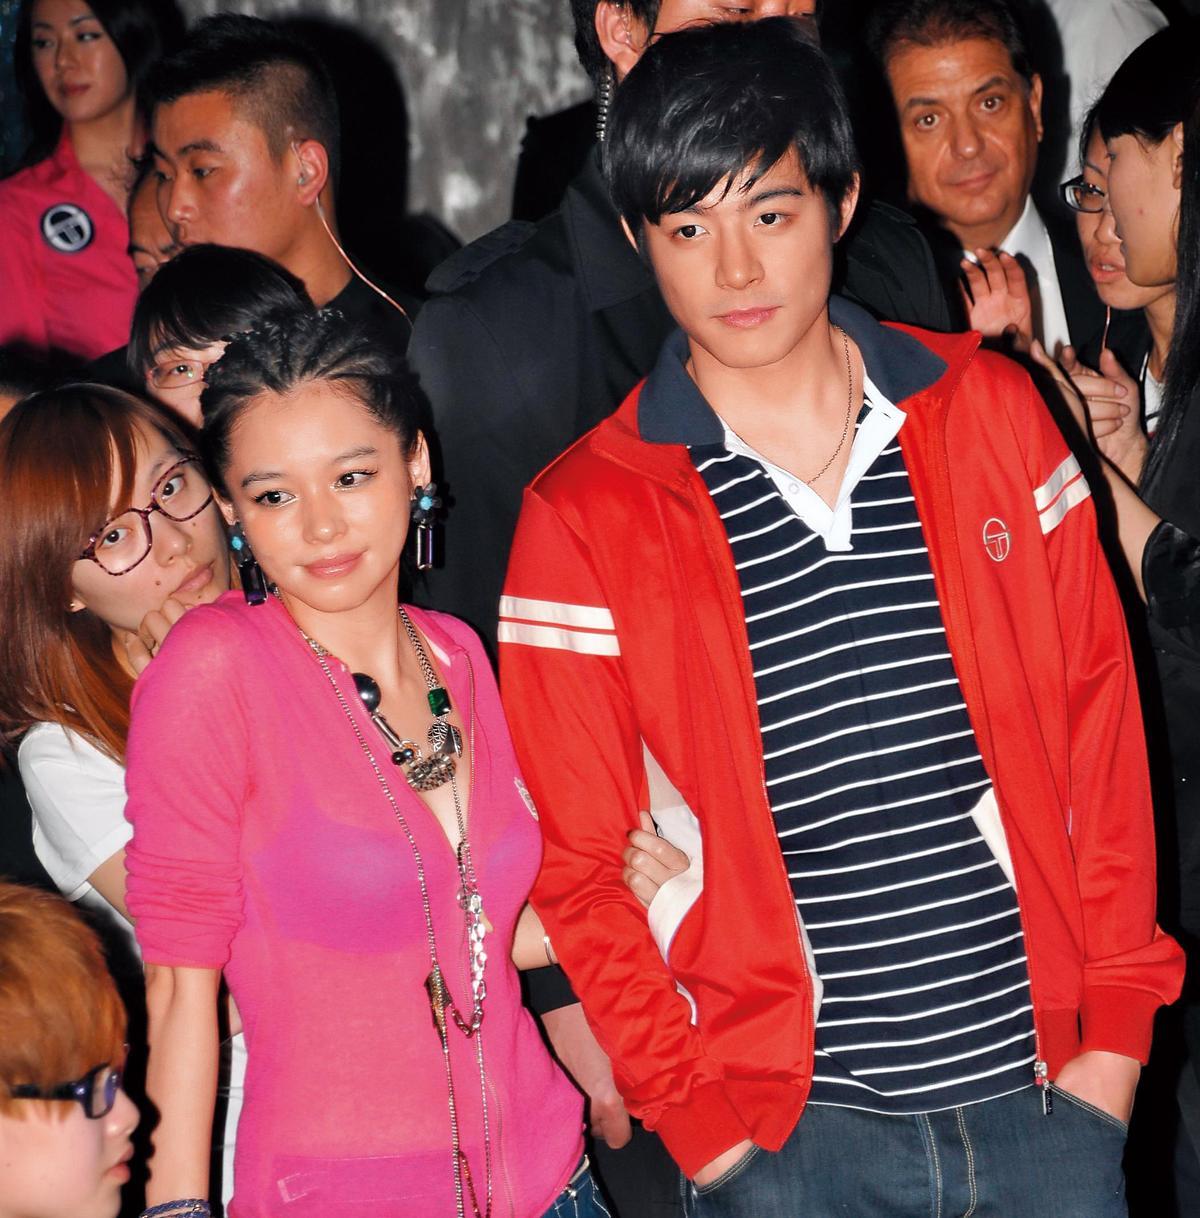 王柏傑(右)情史豐富,曾有「姐姐殺手」名號,和徐若瑄(左)拍攝電影《茱麗葉》時曾傳緋聞,但徐若瑄最後嫁給新加坡富商。(東方IC)